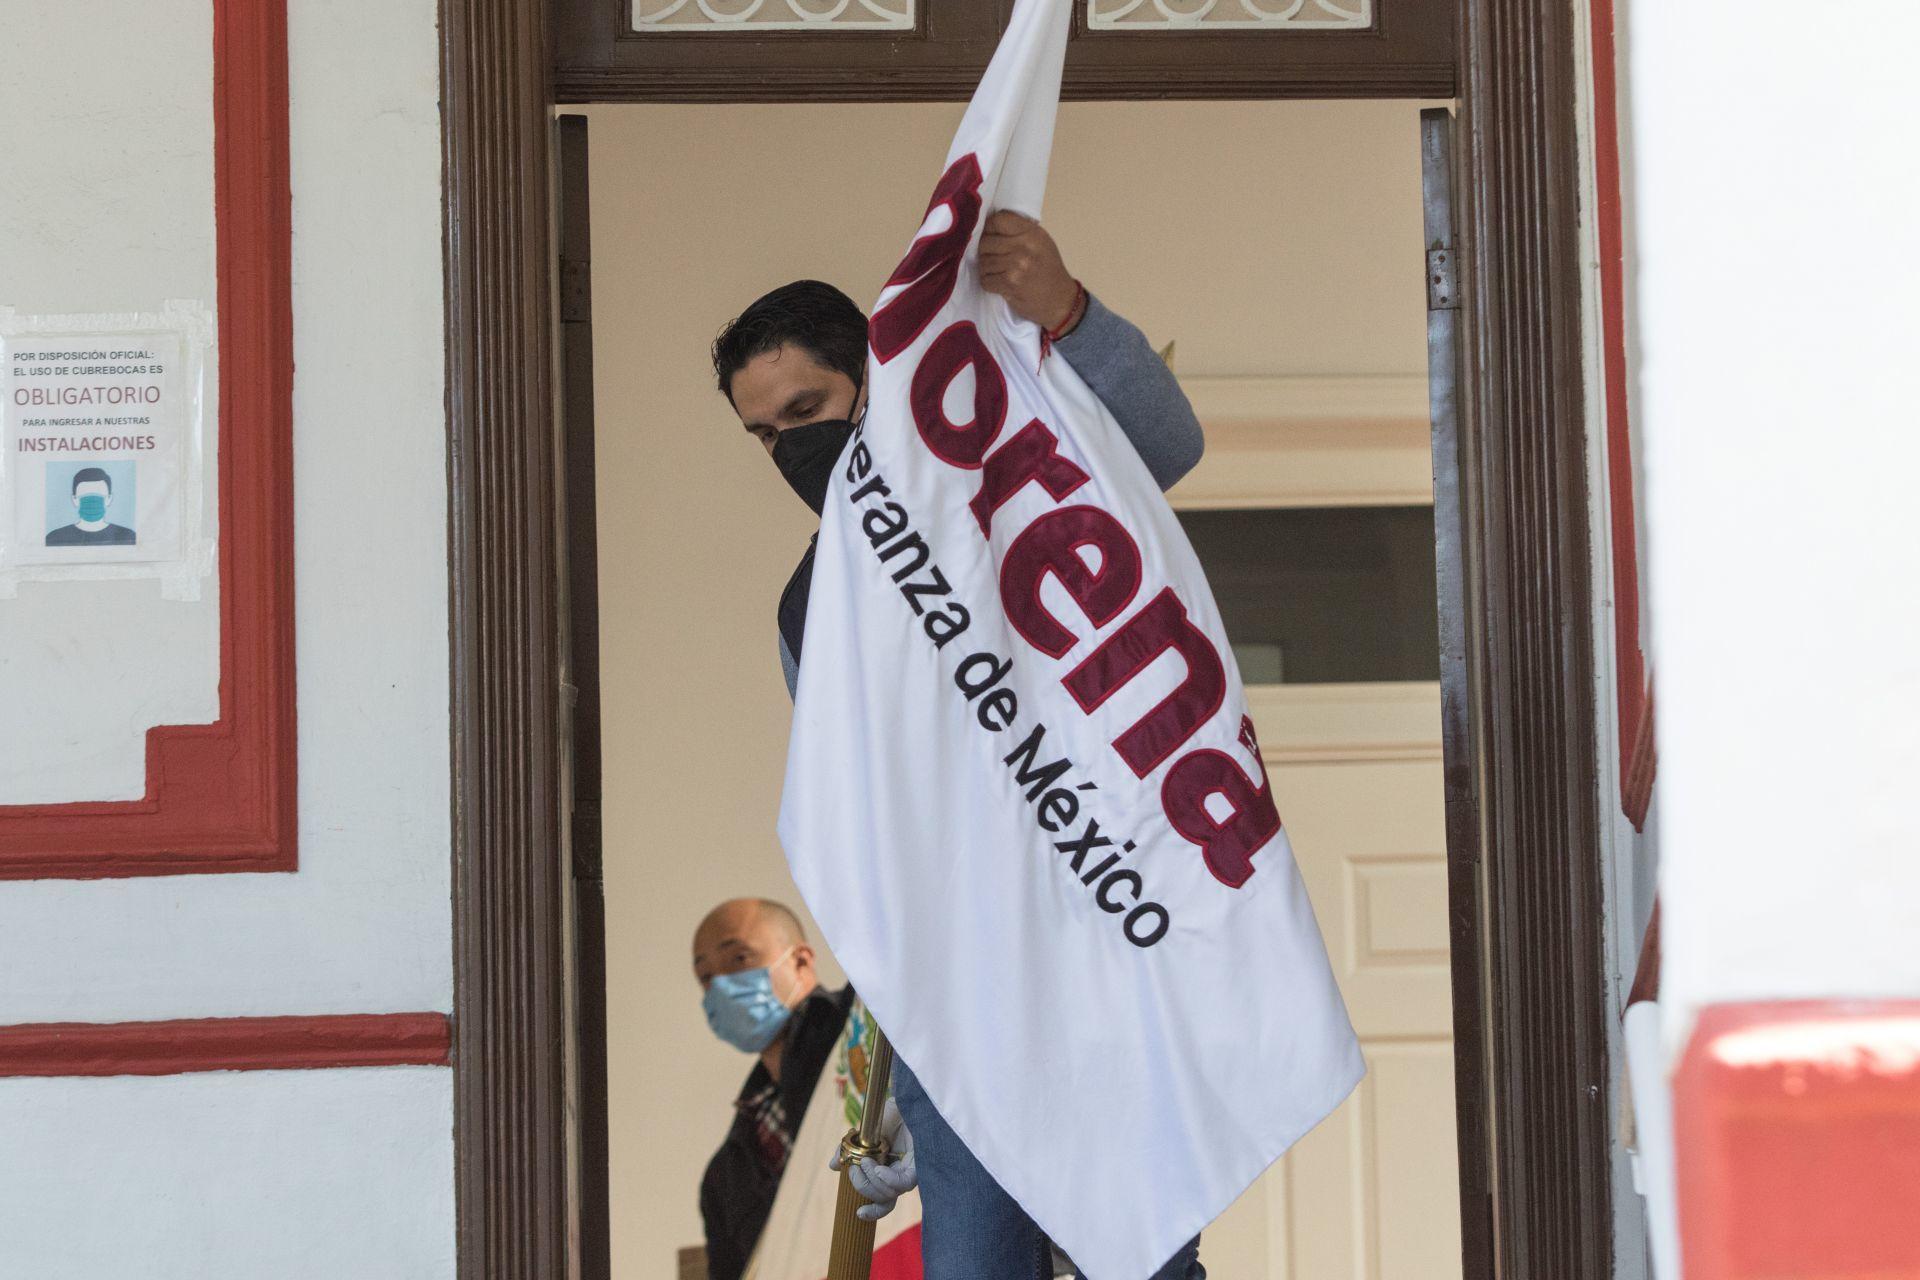 Declaran improcedente coalición entre Morena, PT y Nueva Alianza en Guanajuato